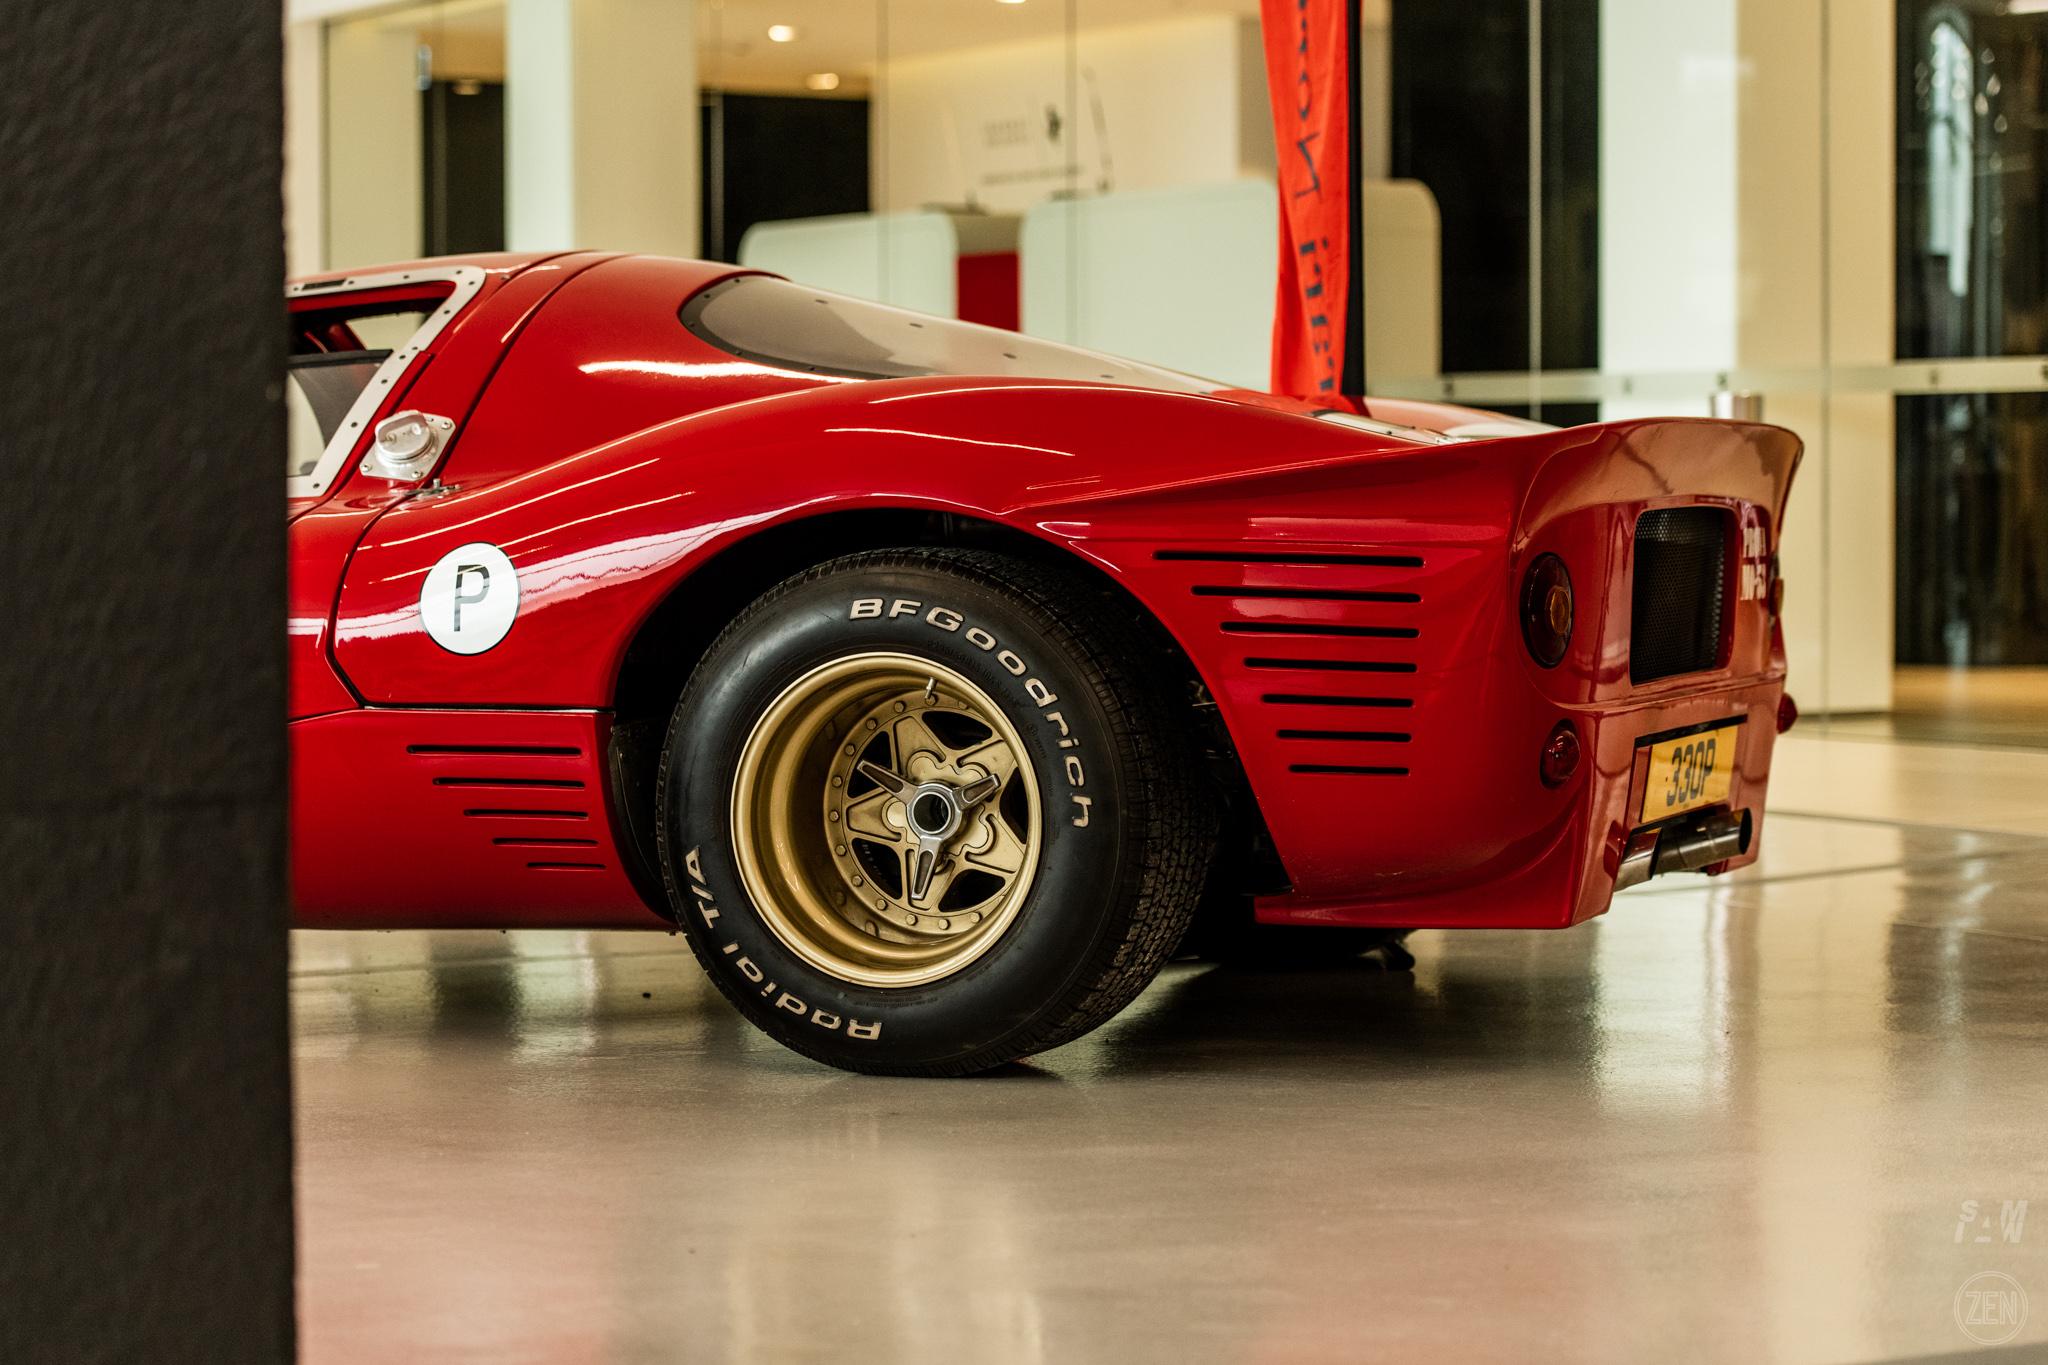 2019-09-21 - Ferrari Concorso 130